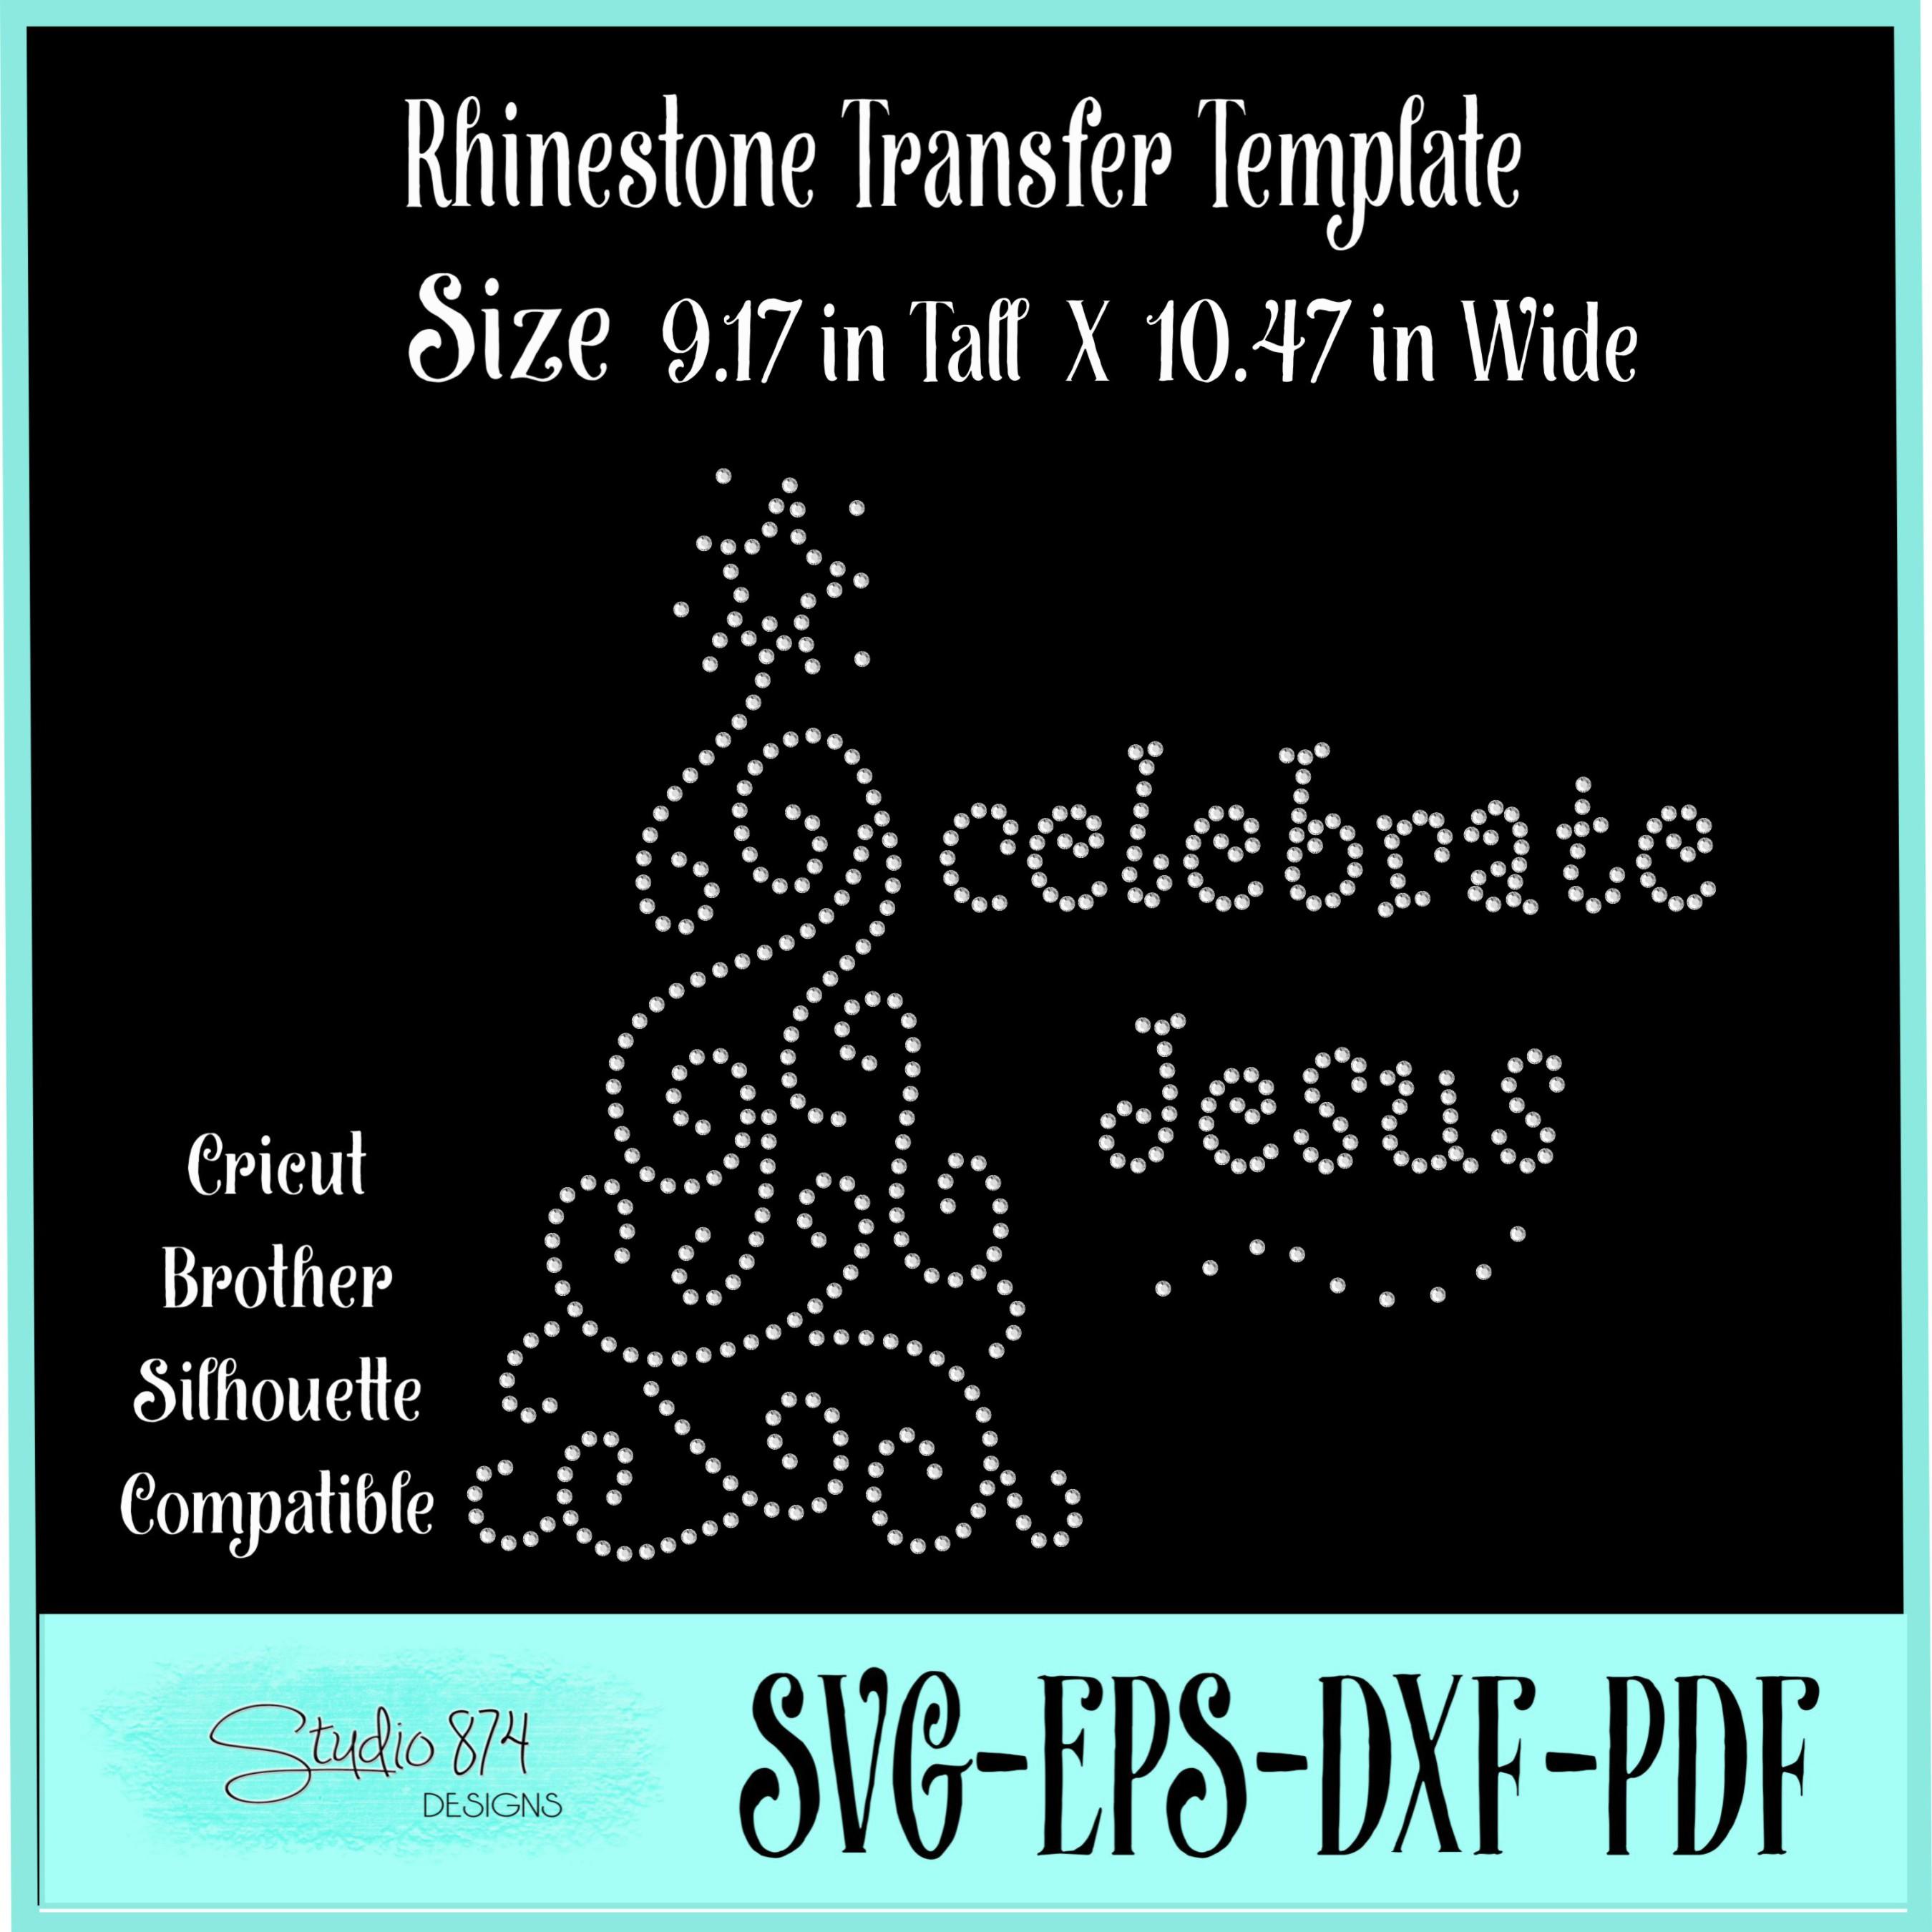 Christmas Rhinestone SVG Template - Celebrate Jesus example image 2